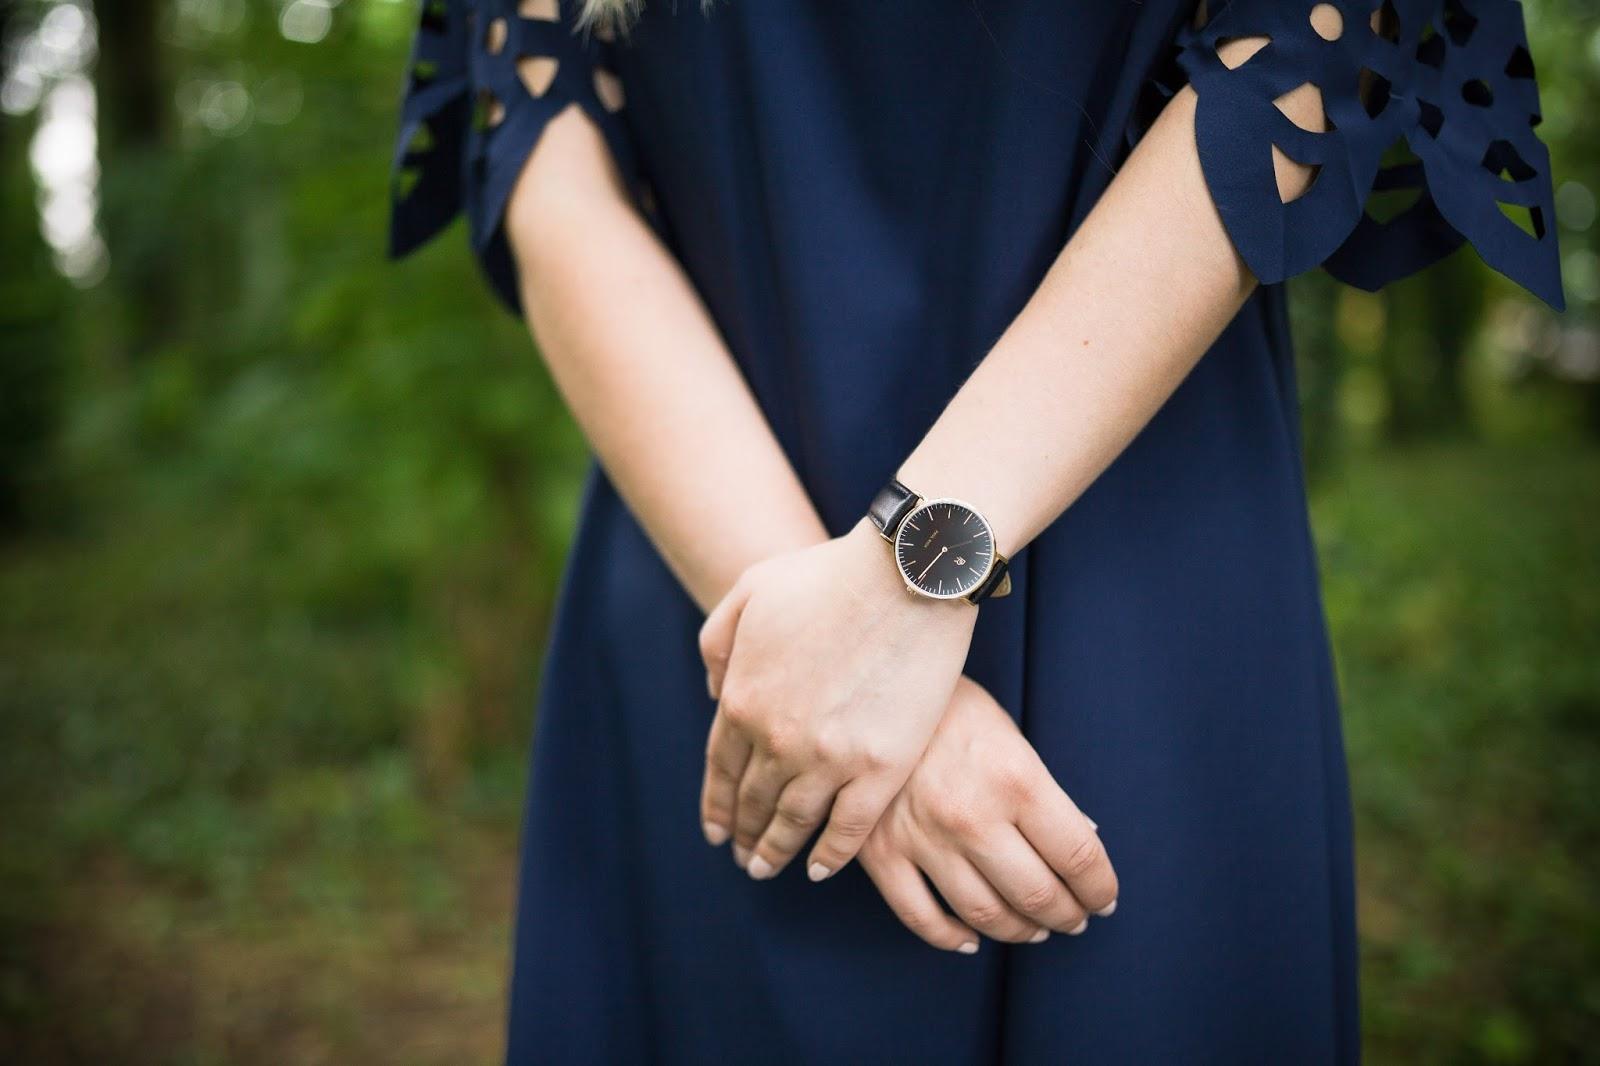 1 Off The Shoulder Flared Dress zaful paul rich watch hat sukienka zaful opinie recenzja buty łuków ażurowa hiszpanka granatowa baletki zegarek ootd lookbook fashionblogger blog modowy lifestyle